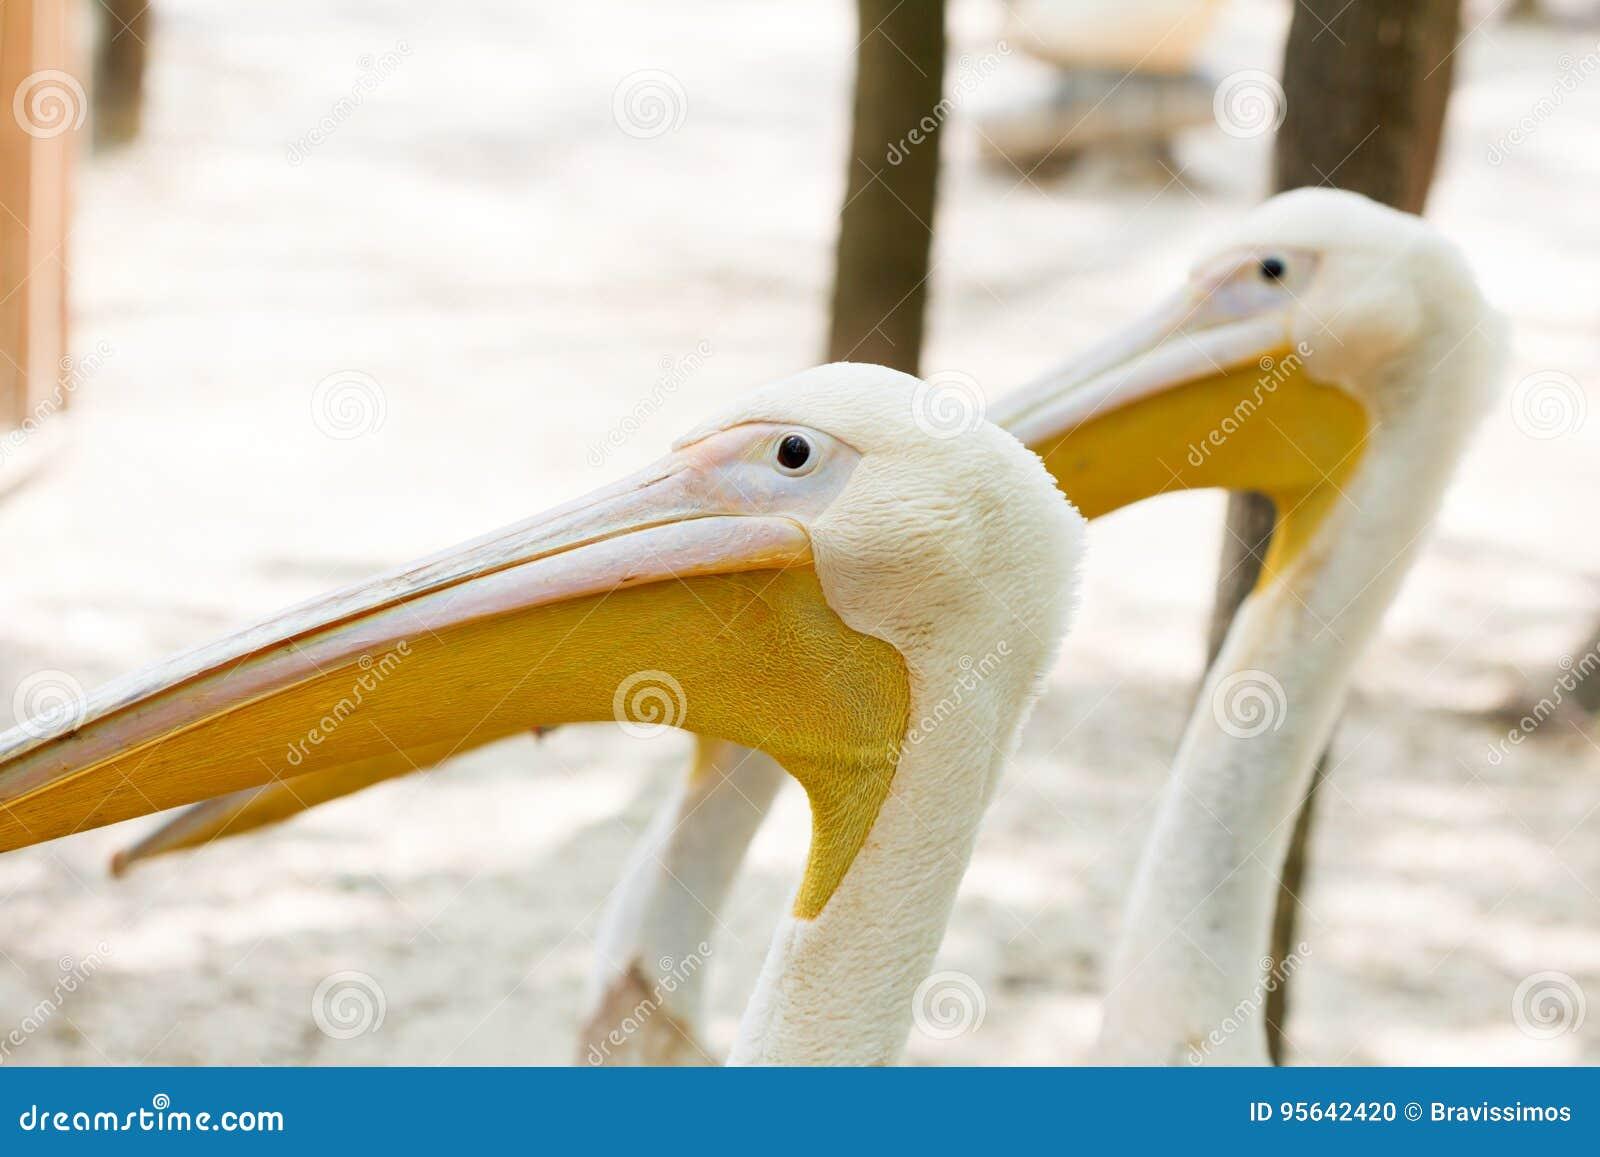 картинка велика пеликана с деньгами во рту купить изделие